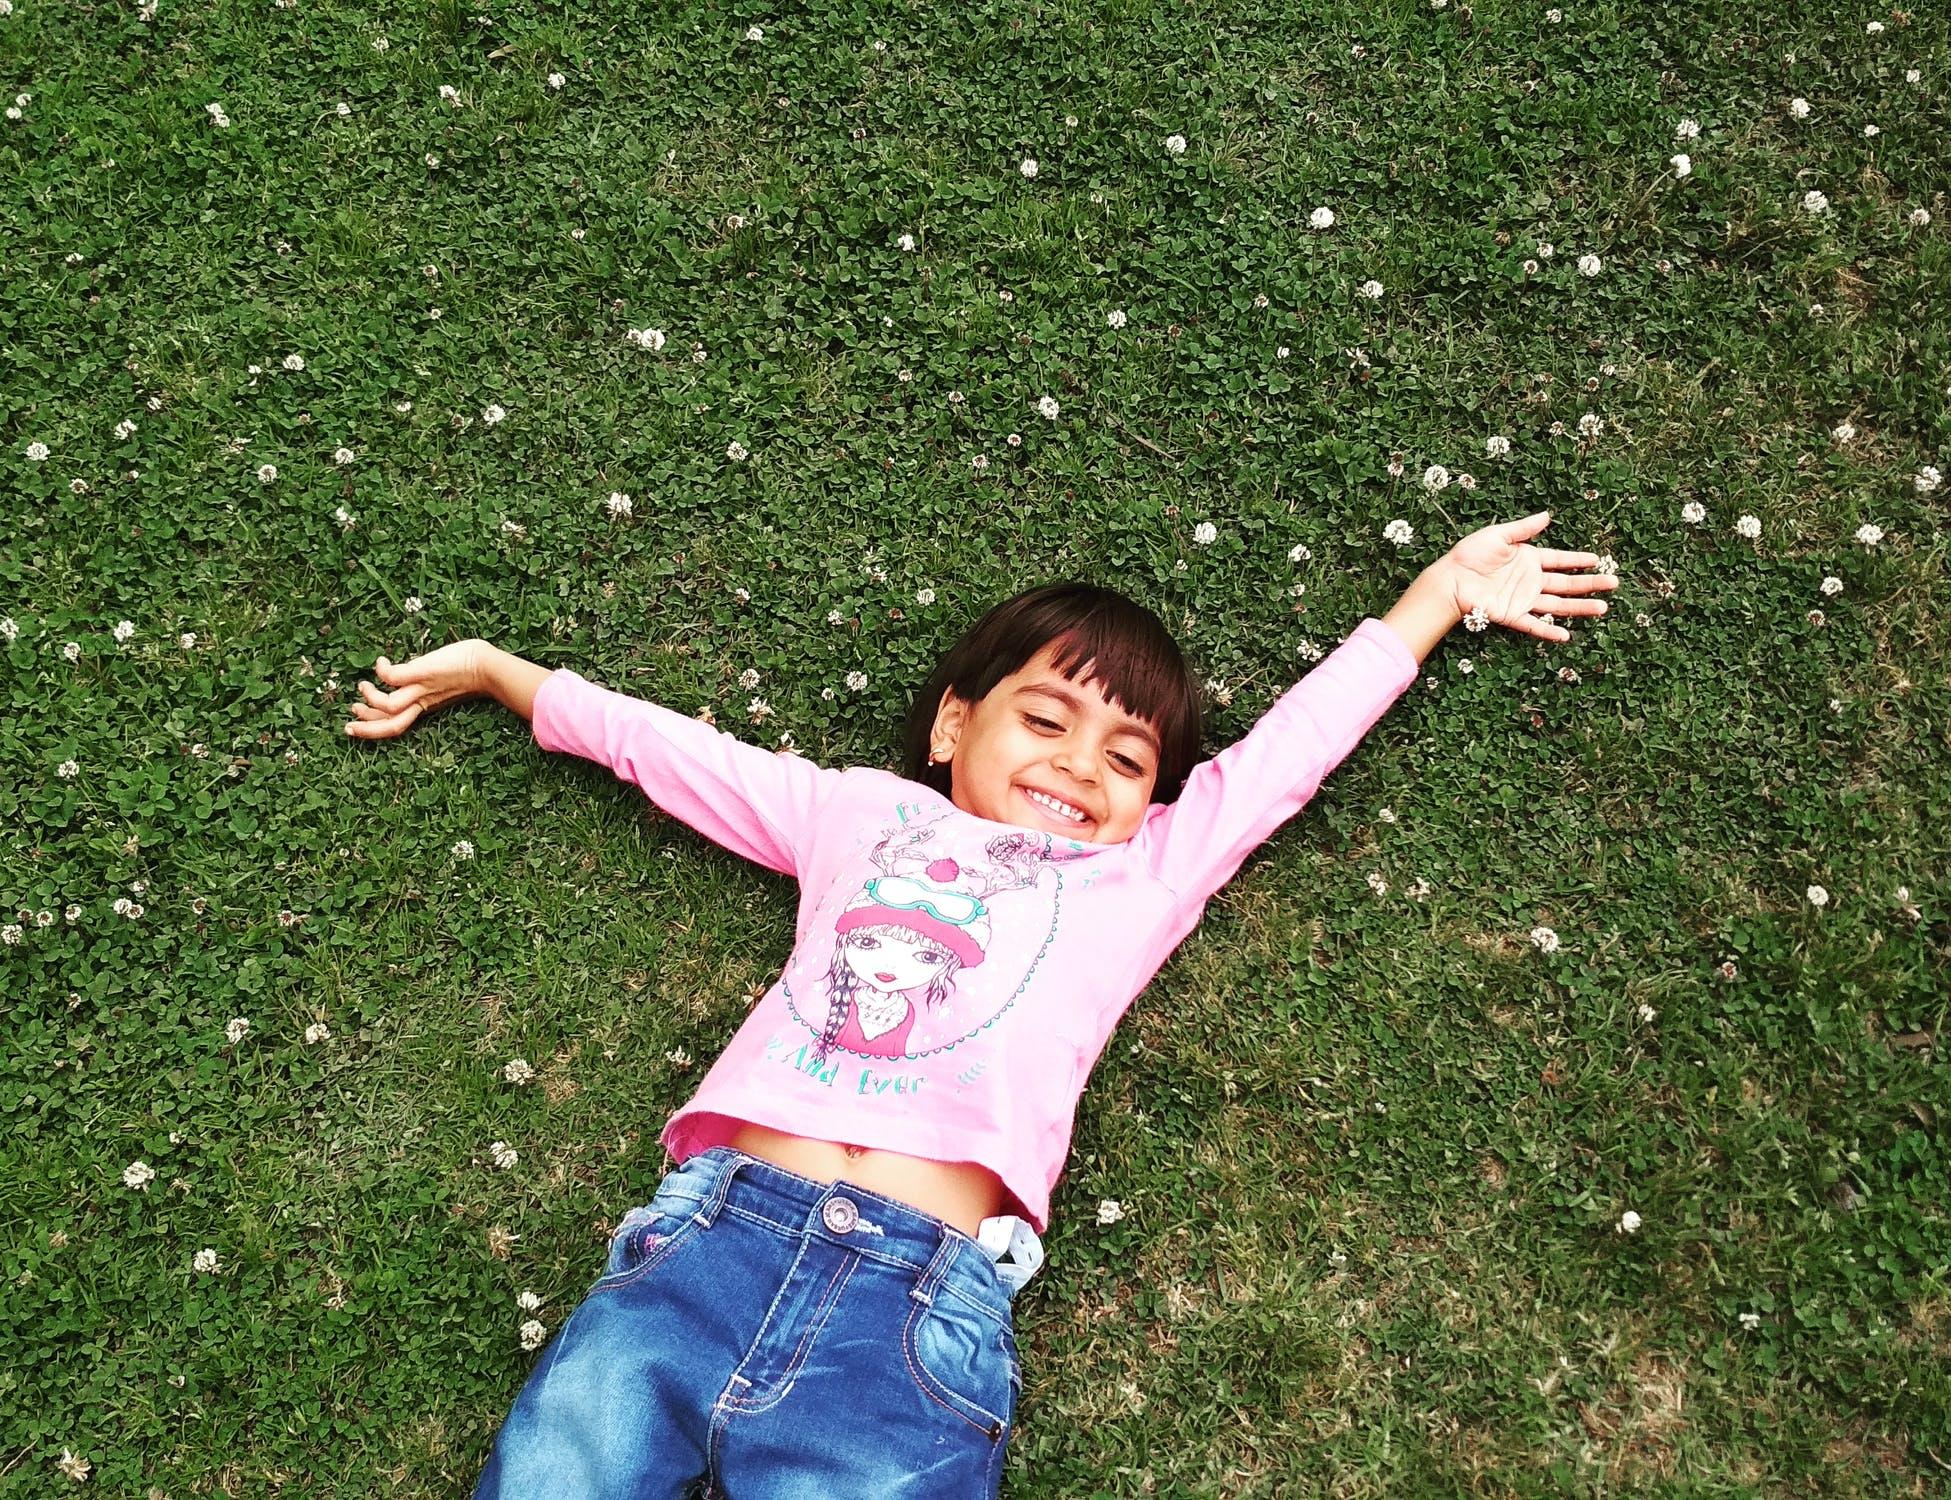 9月8日(日)「迷いなく子どもと笑い合える幸せ」一悟術ヒーリング体験会@世田谷区・東京